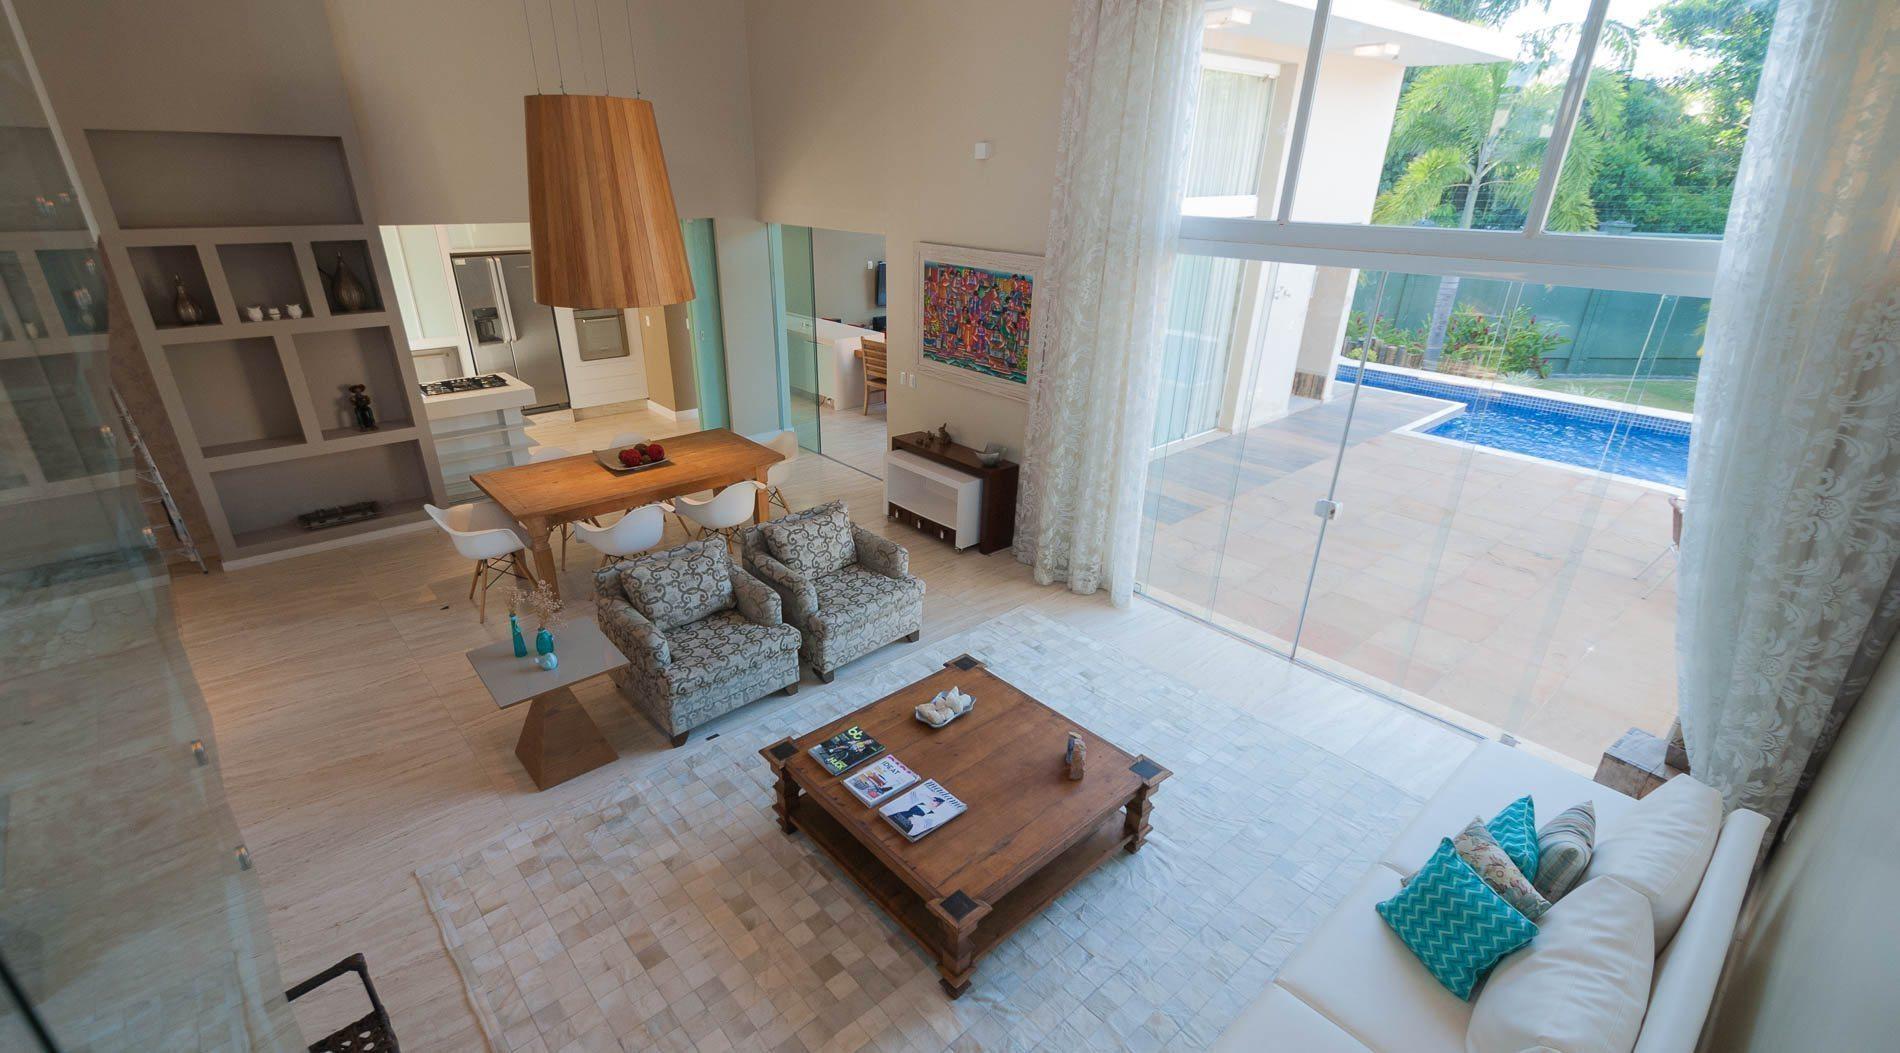 Casas De Luxo Brasil Hansen Im Veis -> Salas De Luxo Decoradas